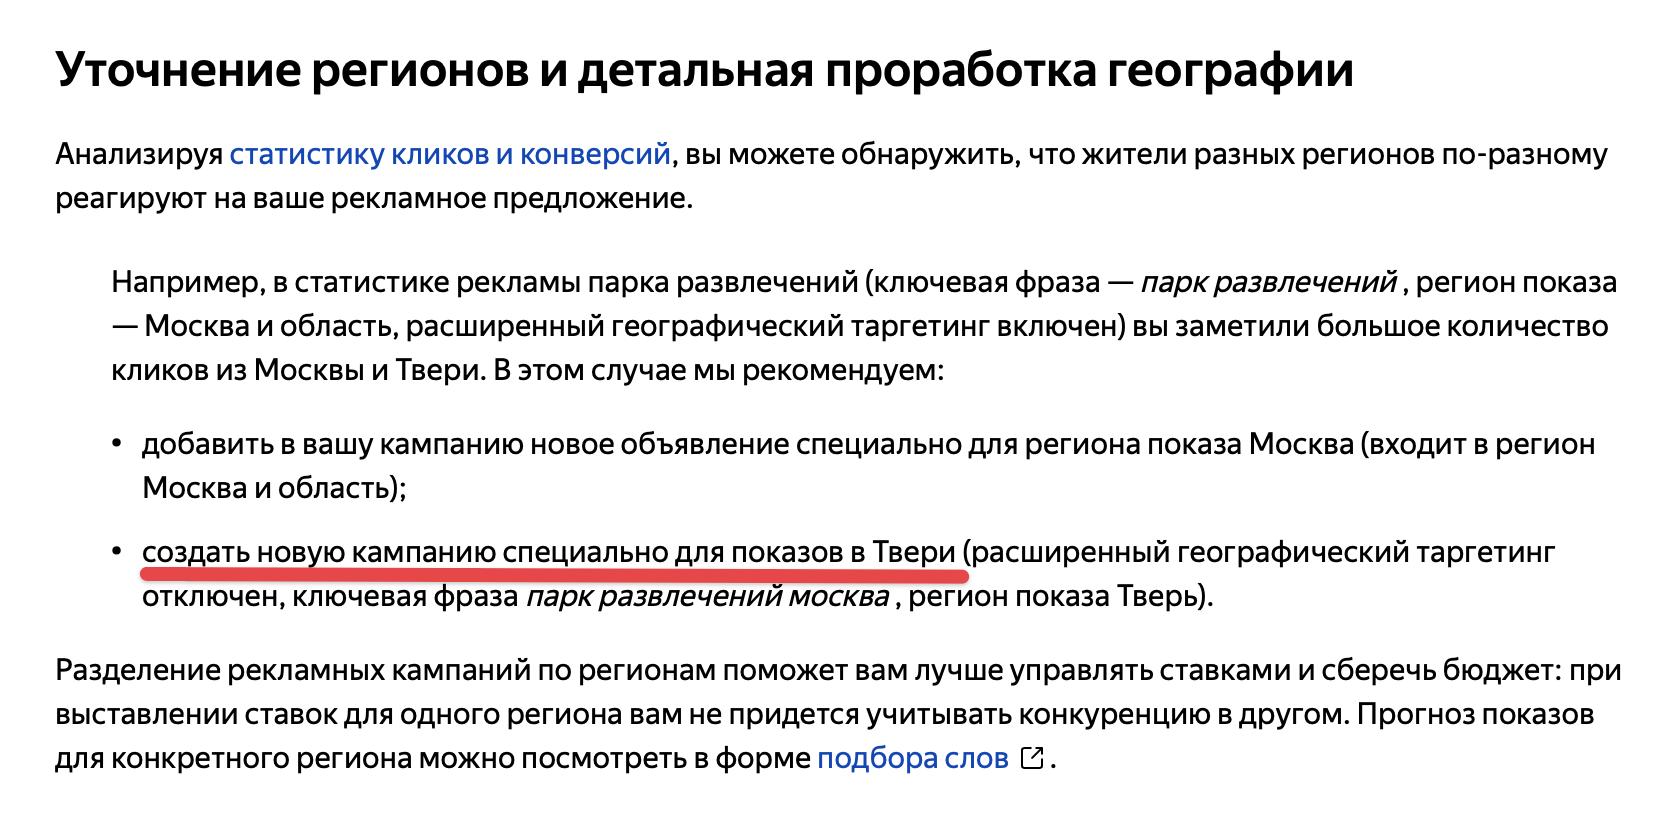 Рекомендации Яндекс.Директа о расширенном географическом таргетинге.